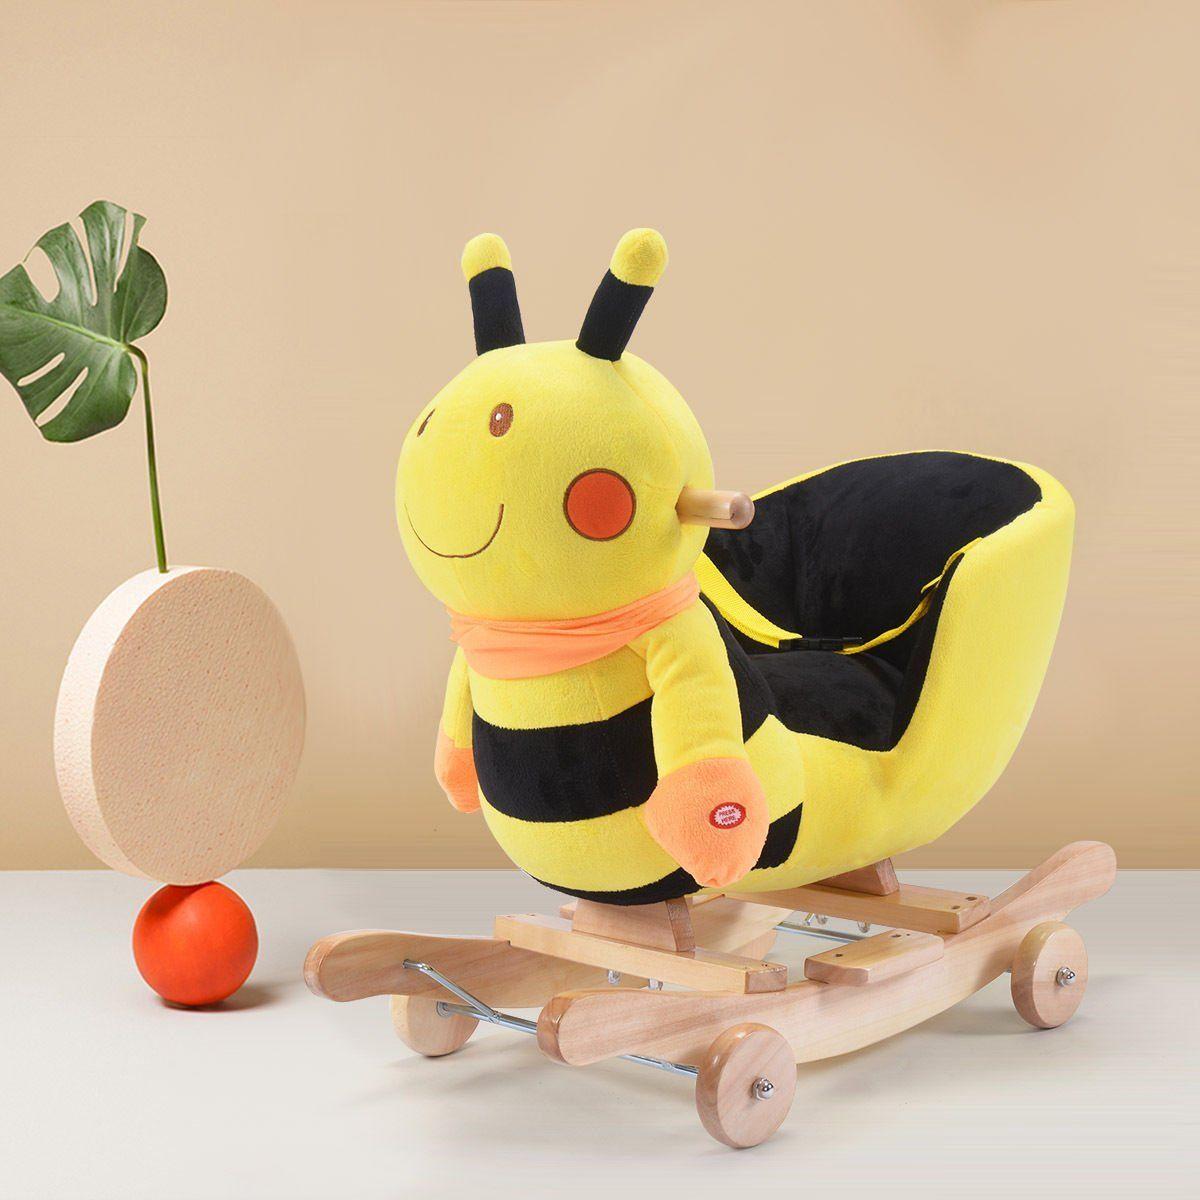 Costzon Baby Kids Toy Plush Rocking Horse Rider Toddler Seat Wood Rocker W/  Sound Wheel